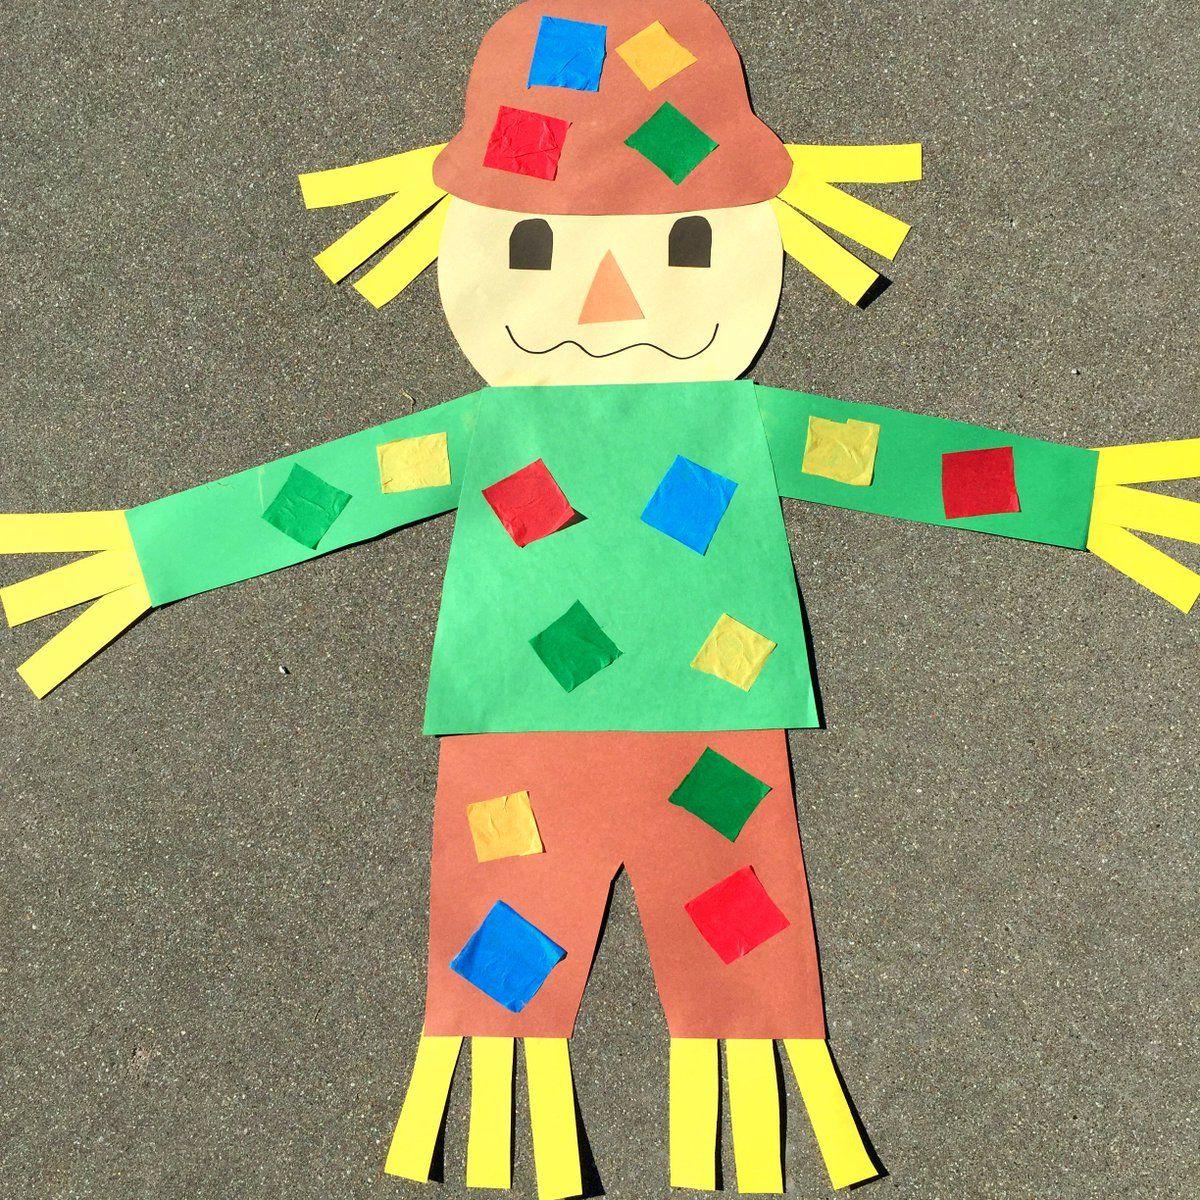 37+ Preschool craft ideas for october information